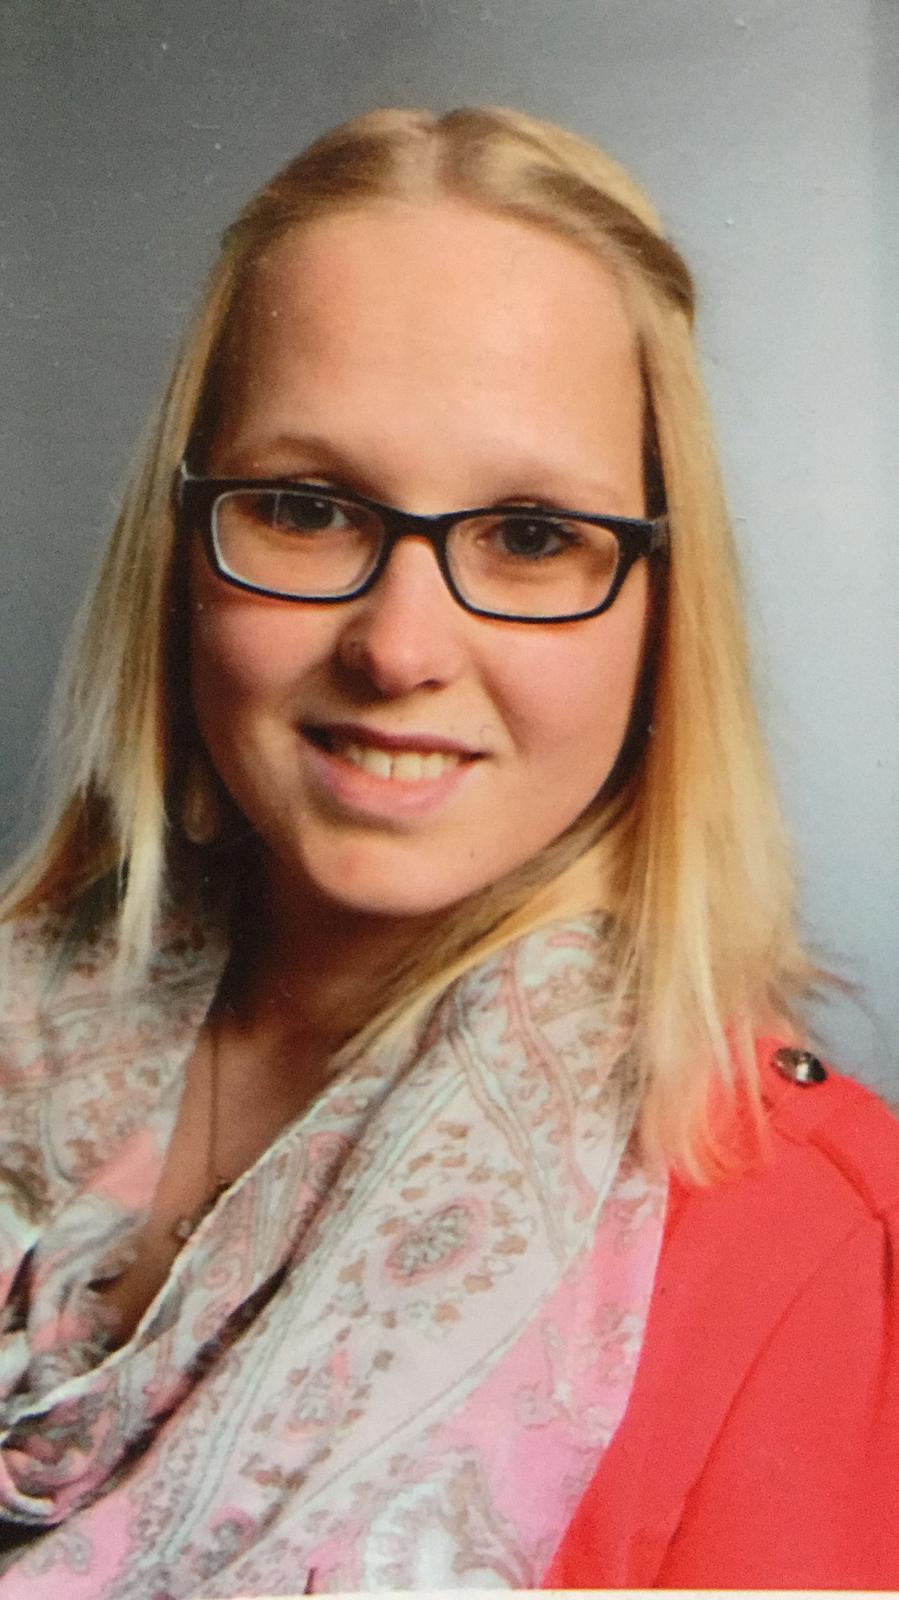 Nathalie Timmen